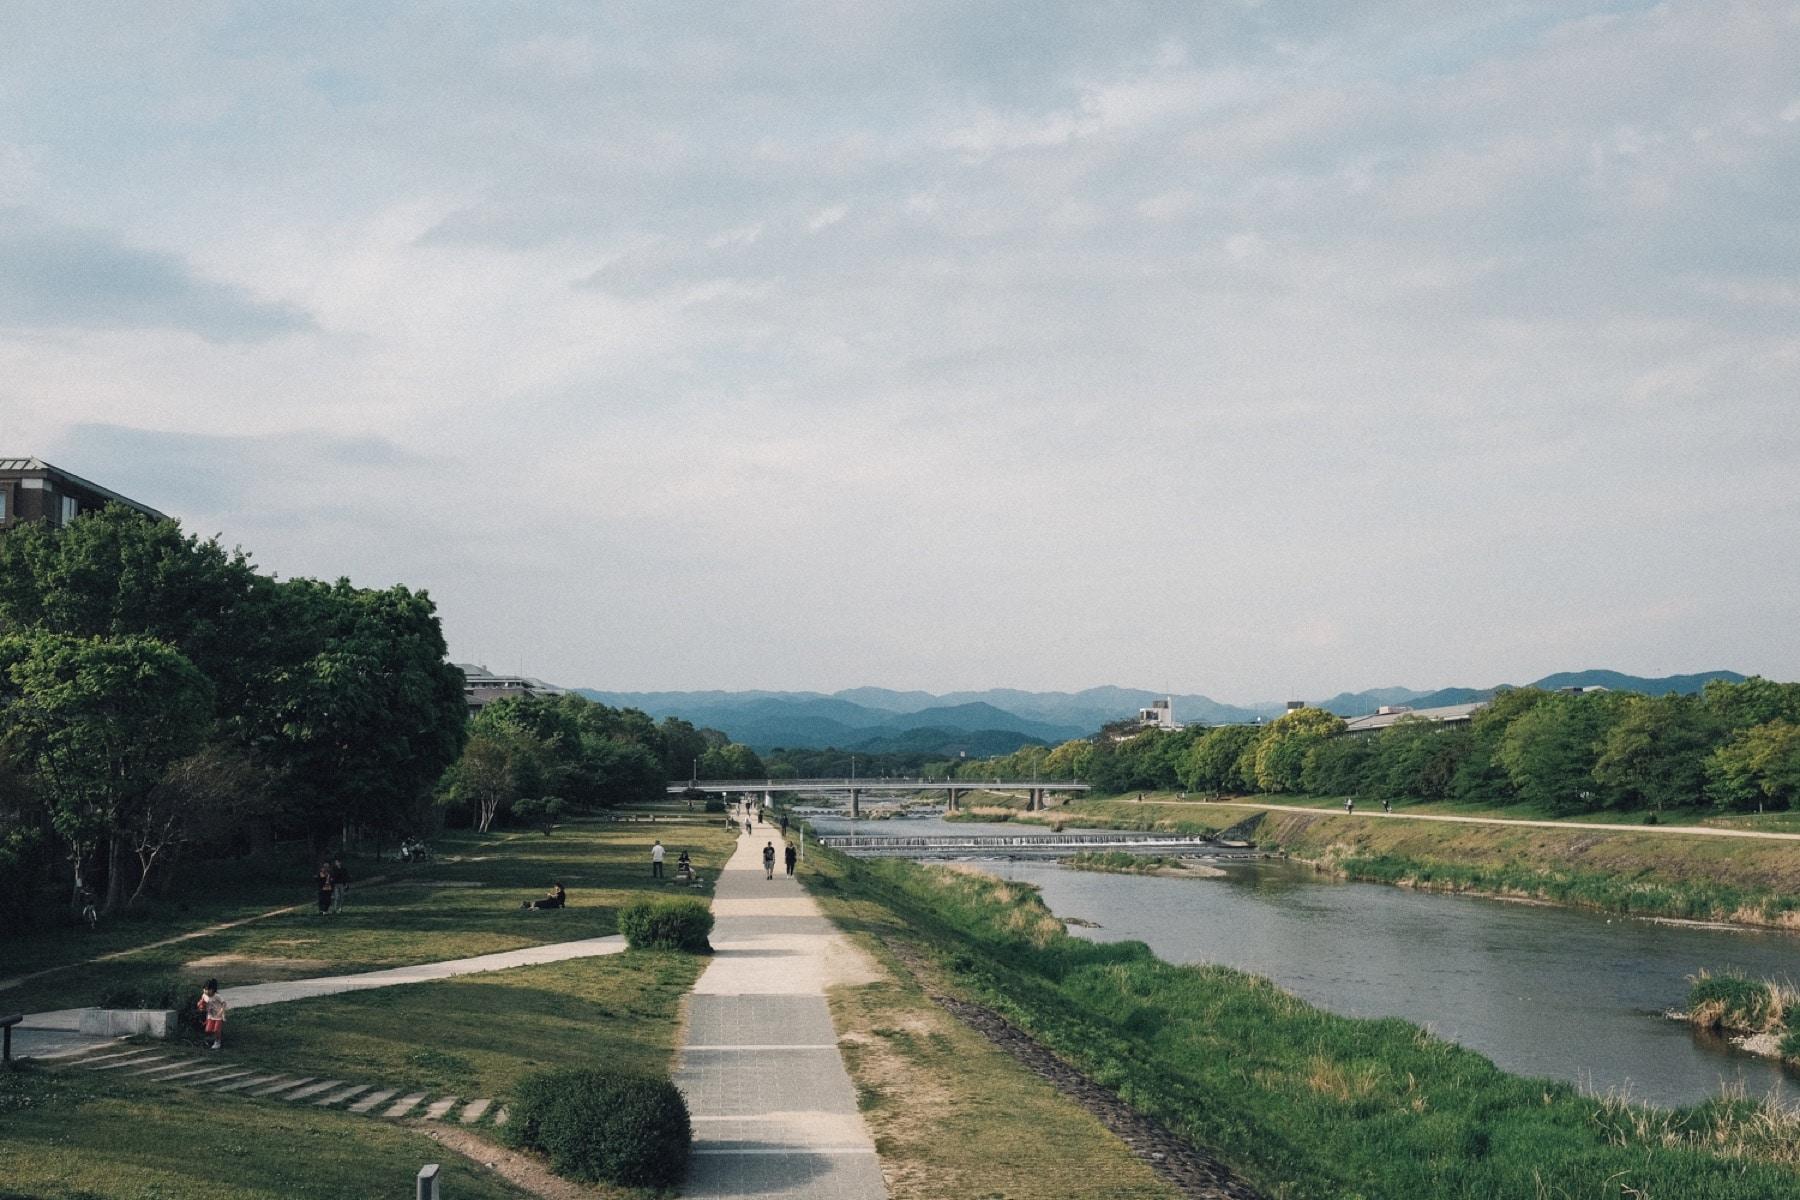 Kinlake-Kyoto-Lifestyle-2018-7824